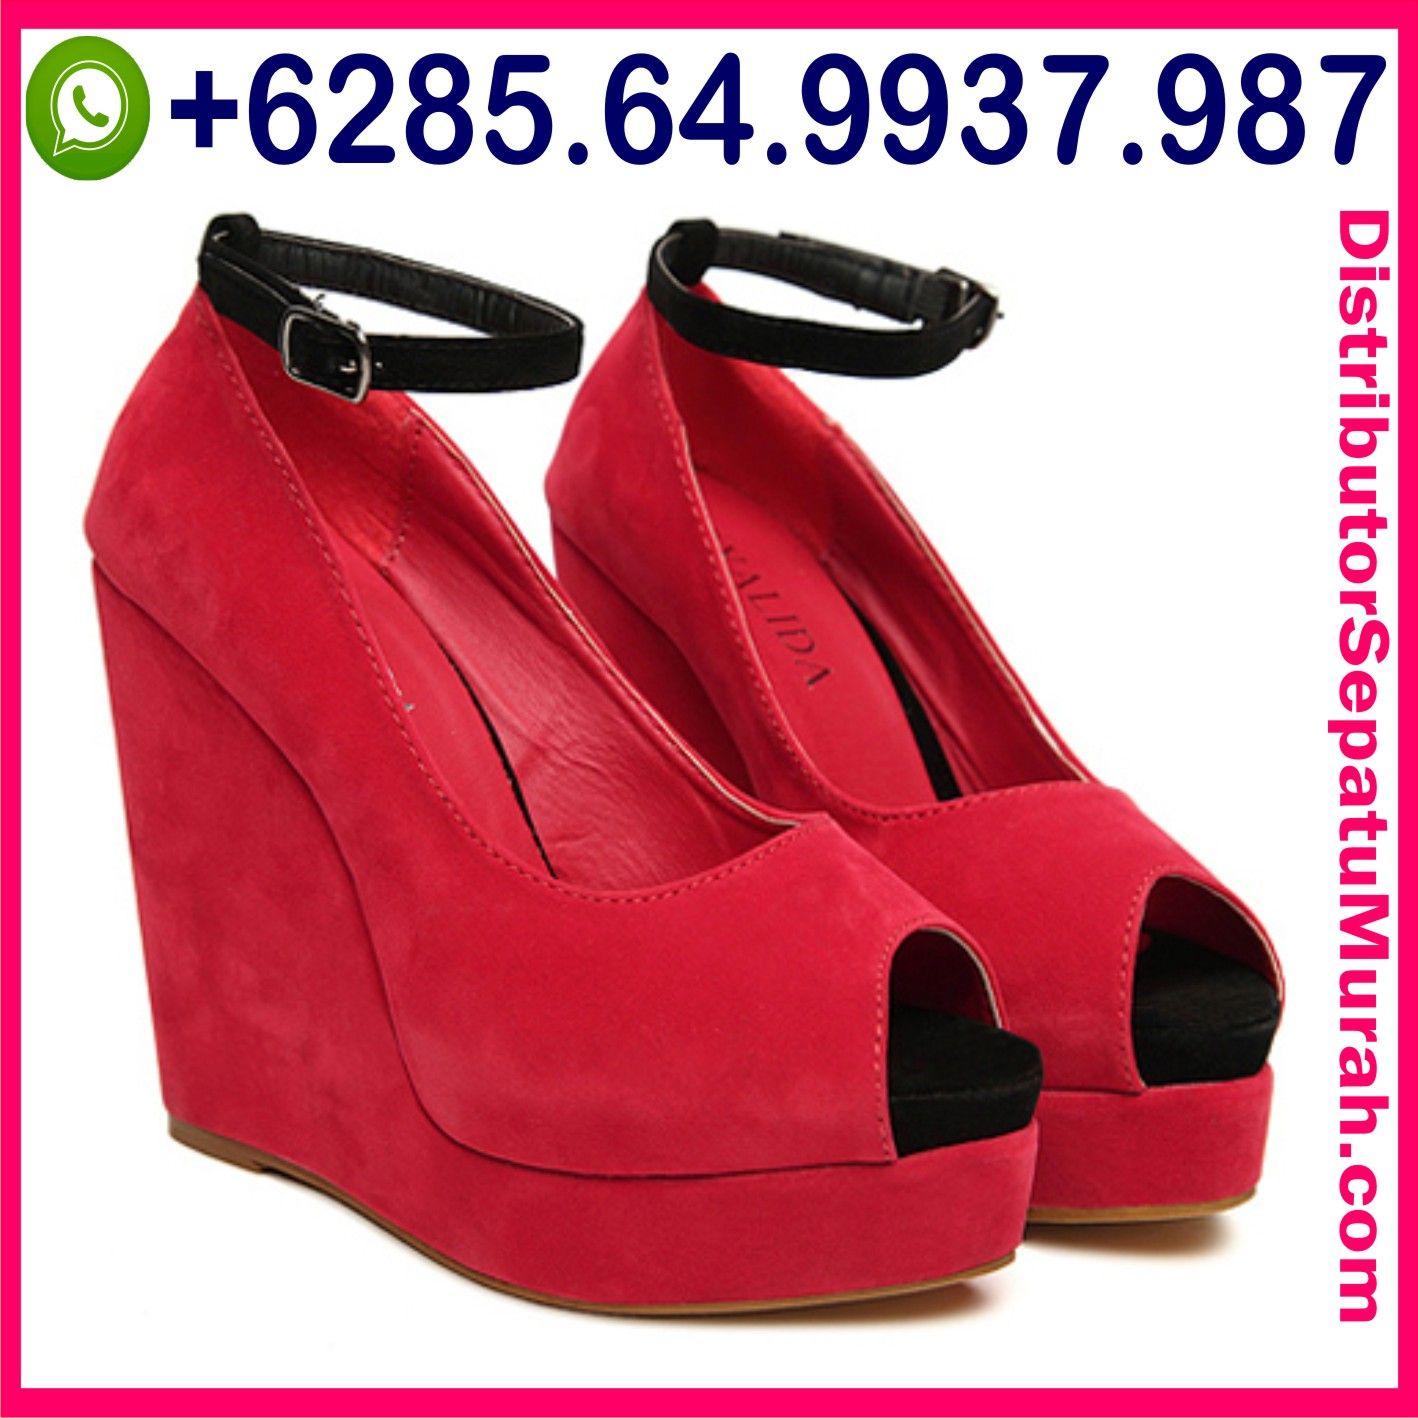 085 64 993 7987 Sepatu Kantor Lawang Harga Sepatu Kantor Murah Sepatu Kantor Kulit Sepatu Sepatu Pria Sepatu Wanita